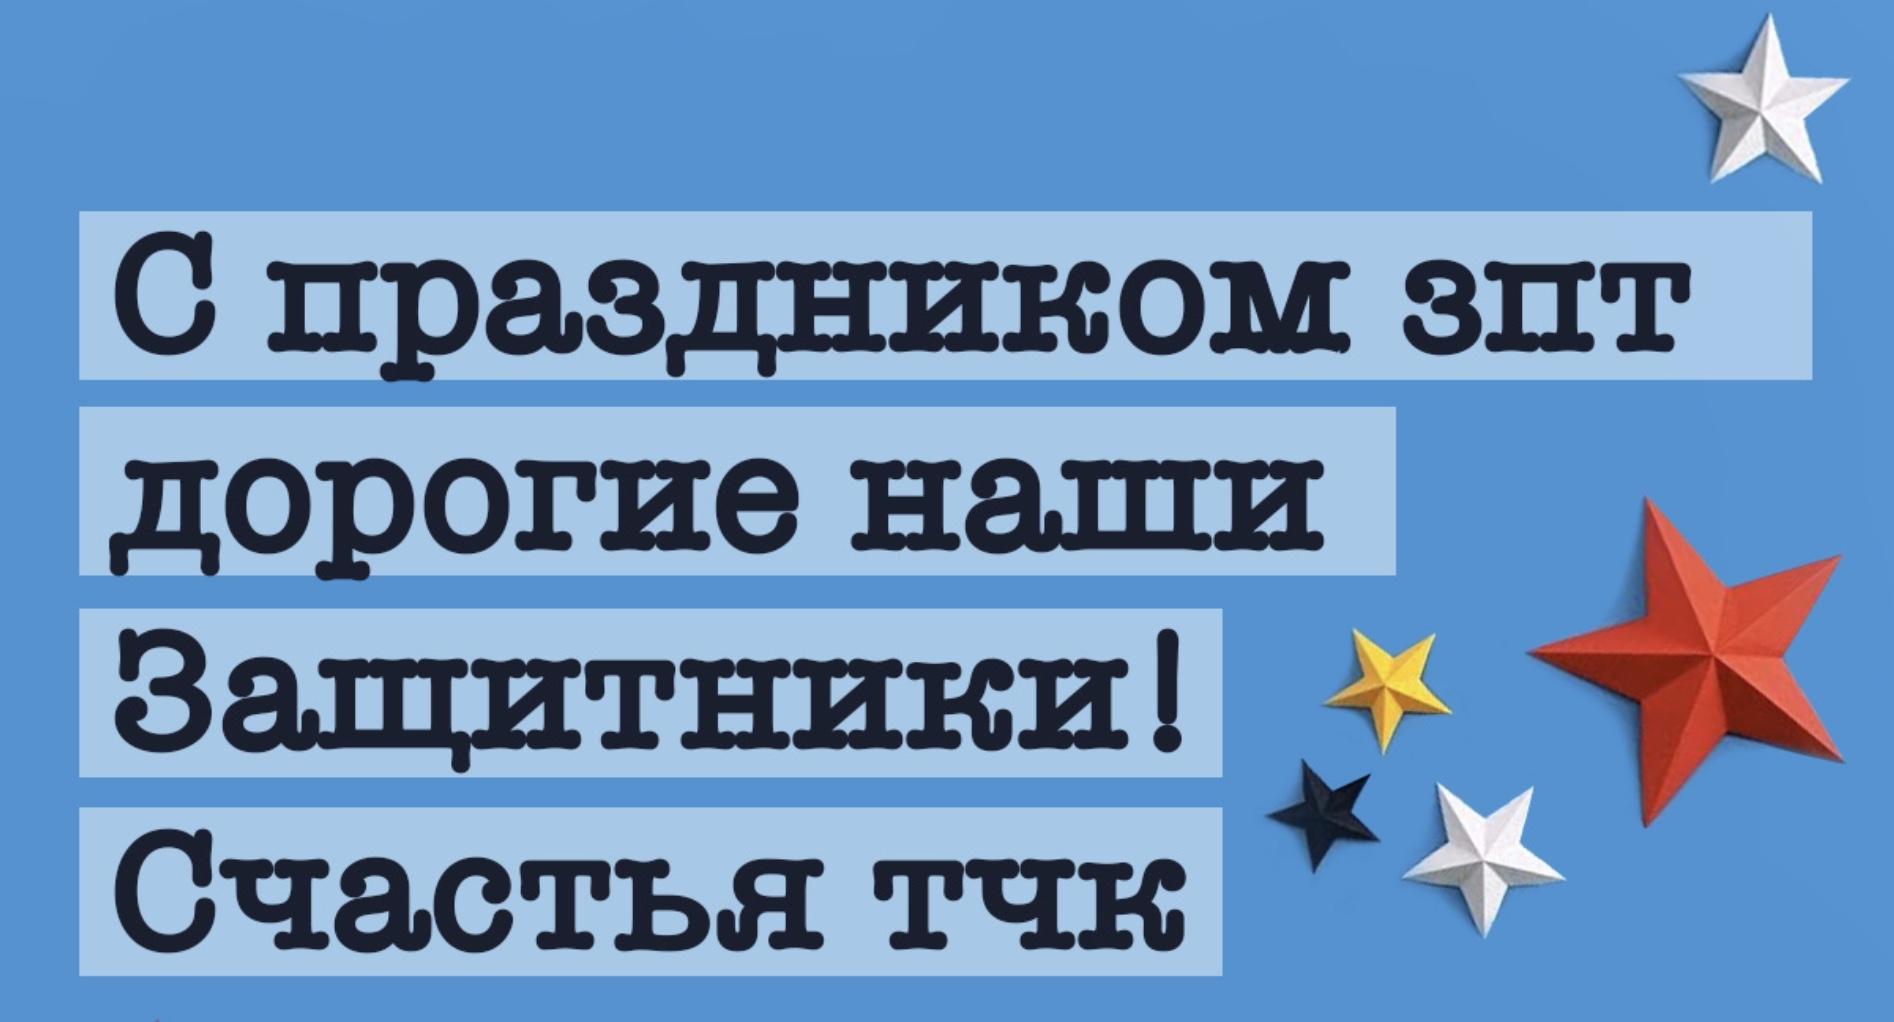 C153F49A-2179-40A0-BE9A-4930A21FDB4E.jpeg